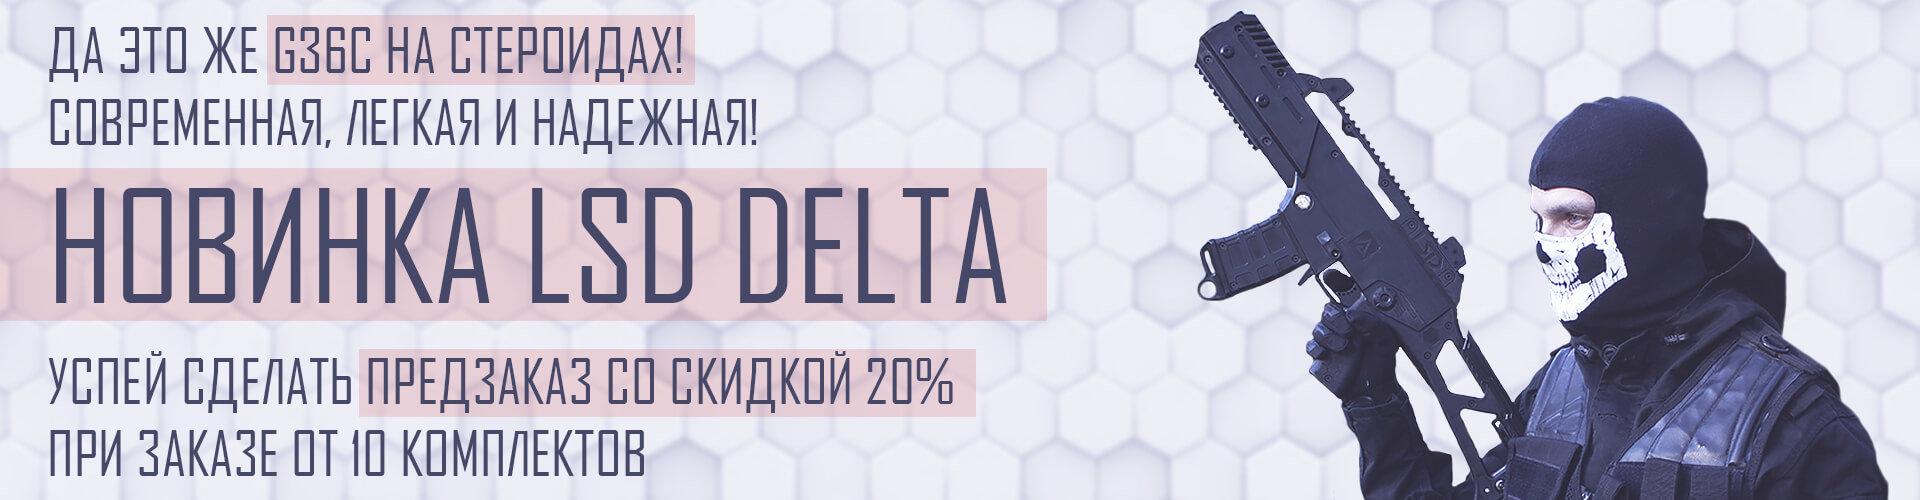 Главная_5